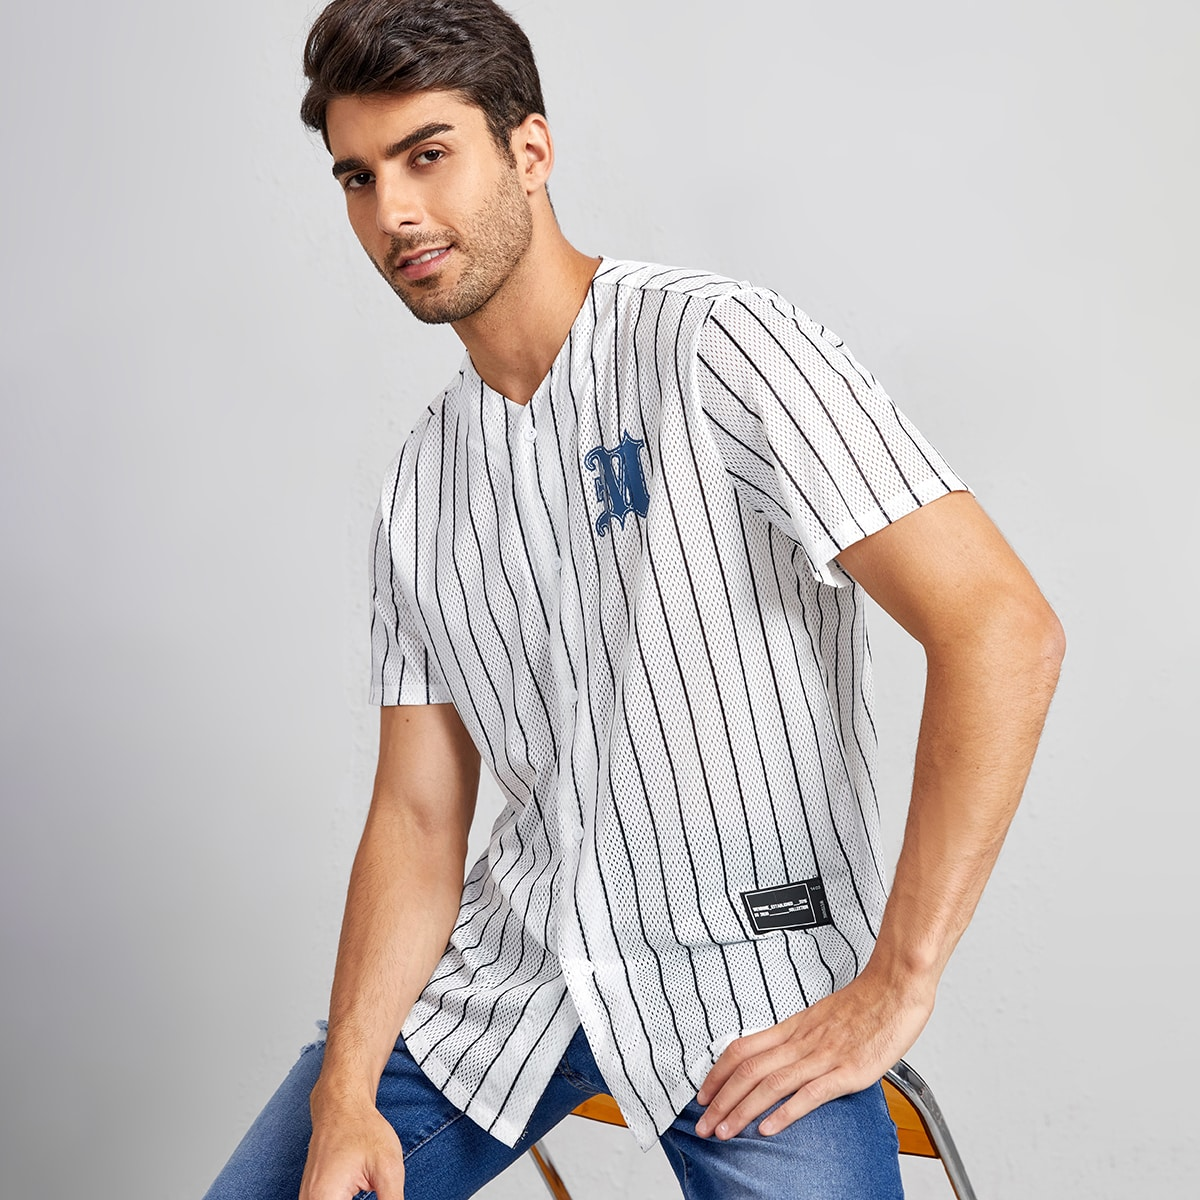 с вышивкой Аппликация Пуговица буква Полосатый Институтский Мужские рубашки